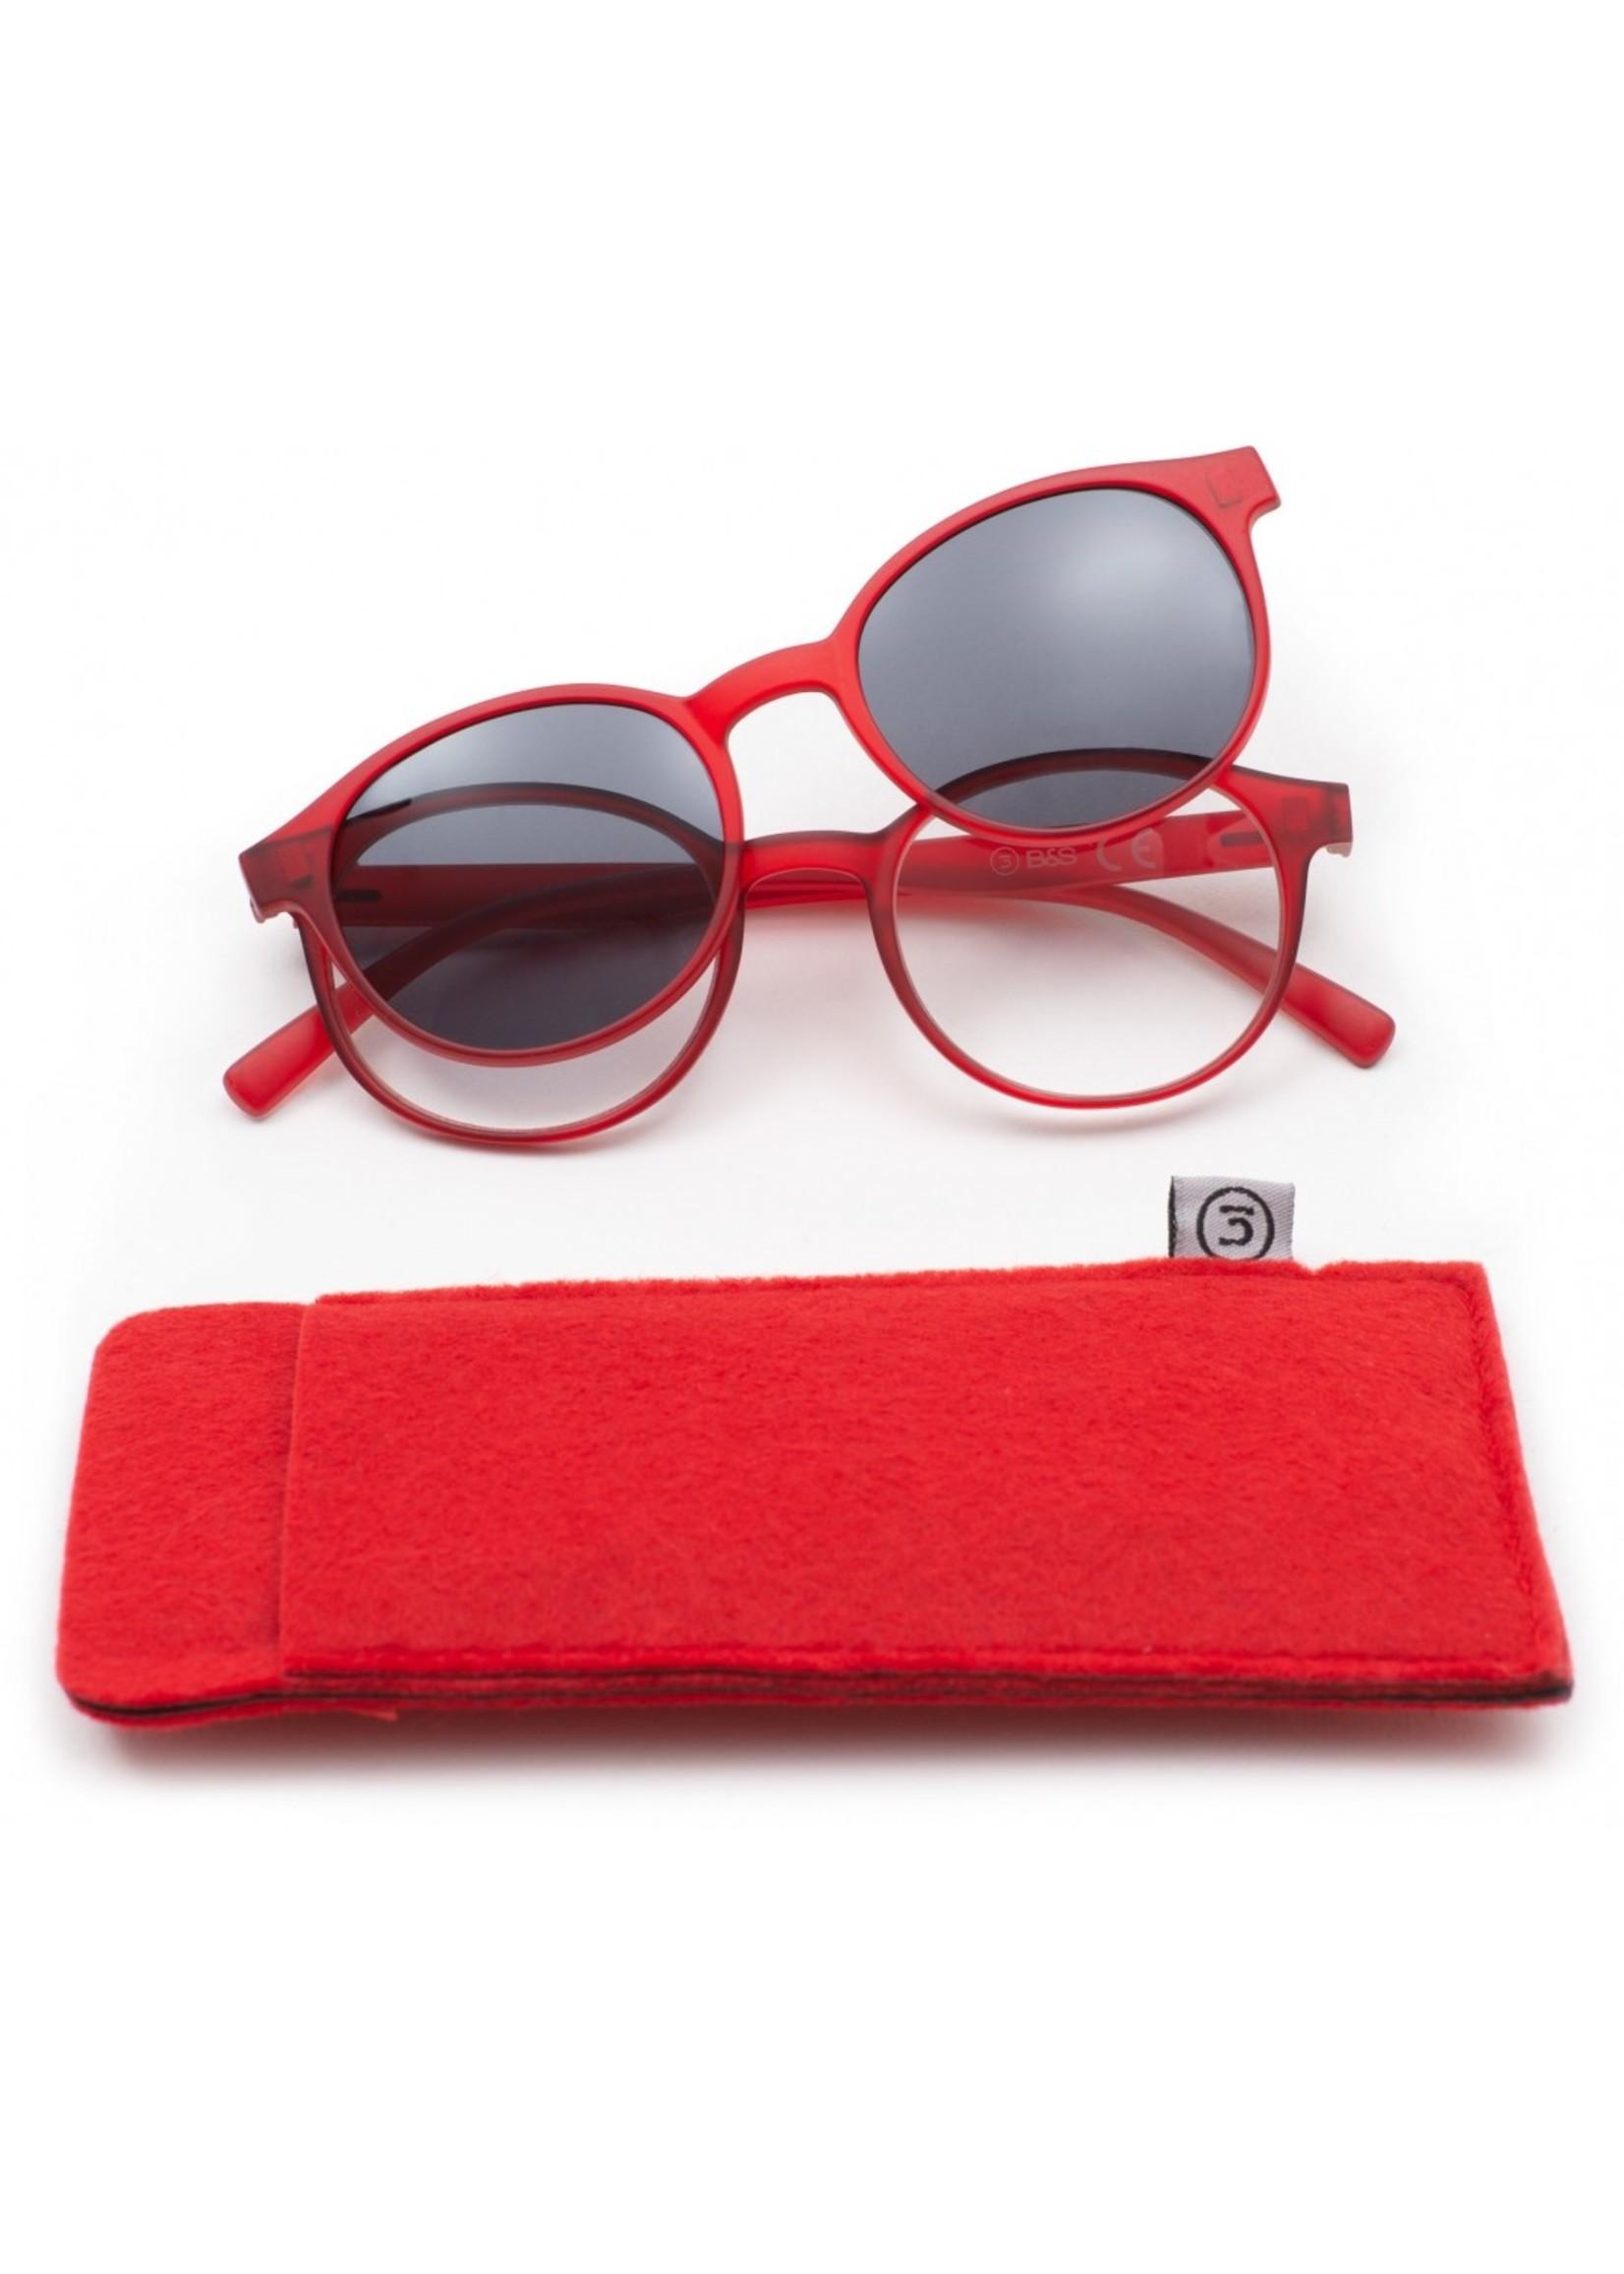 Leesbril B&S met bijpassende zonneclip